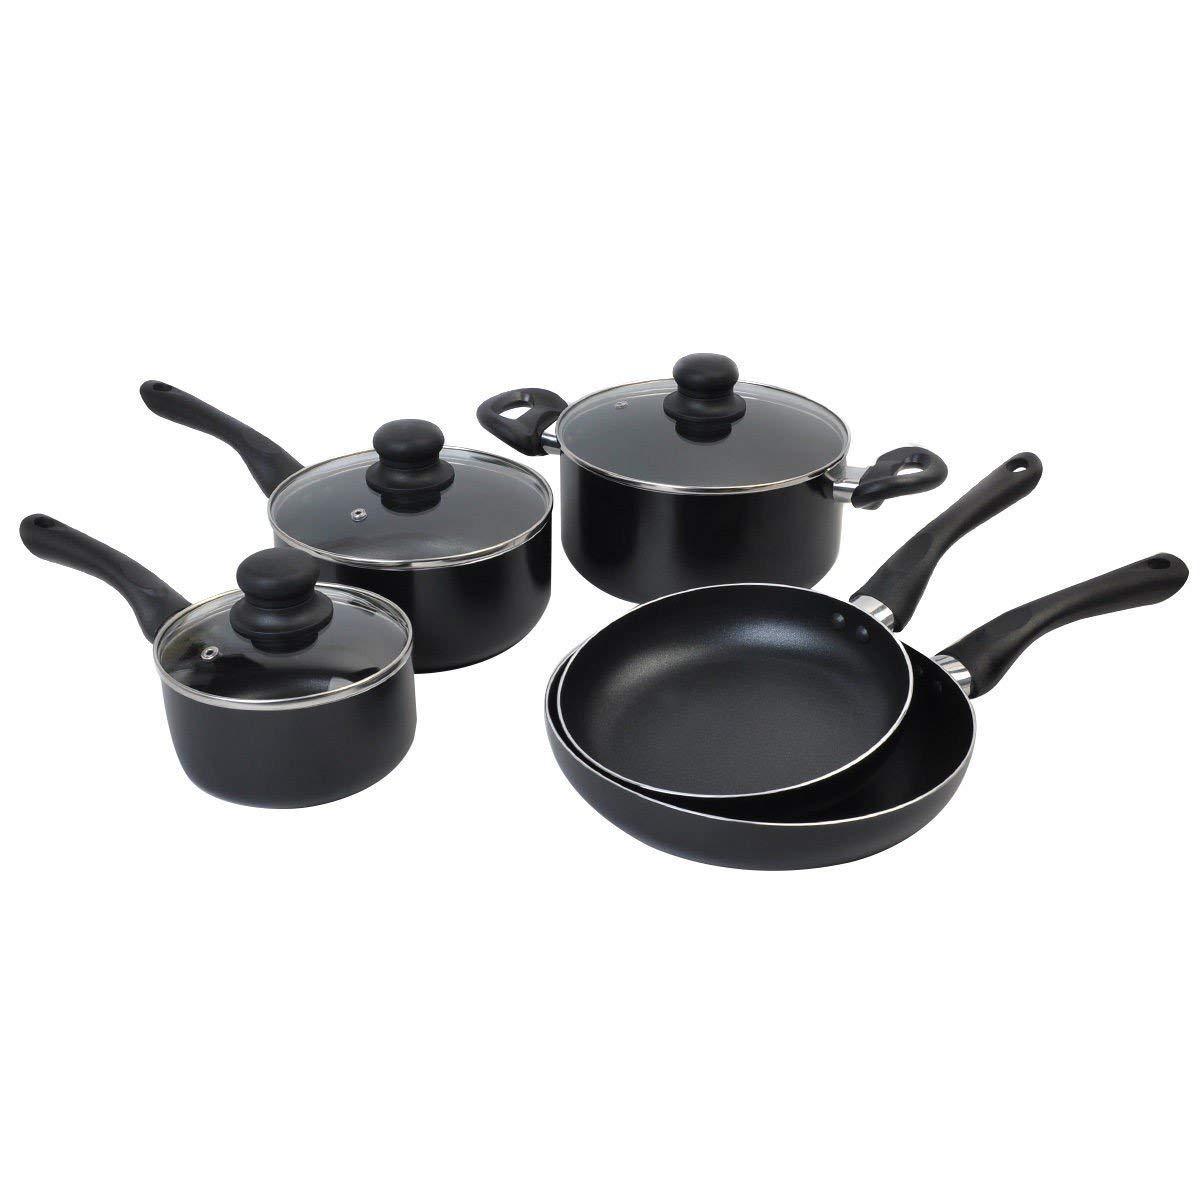 8 Piece Non Stick Cookware Set Aluminum Soft Handle Kitchen Cooking Black